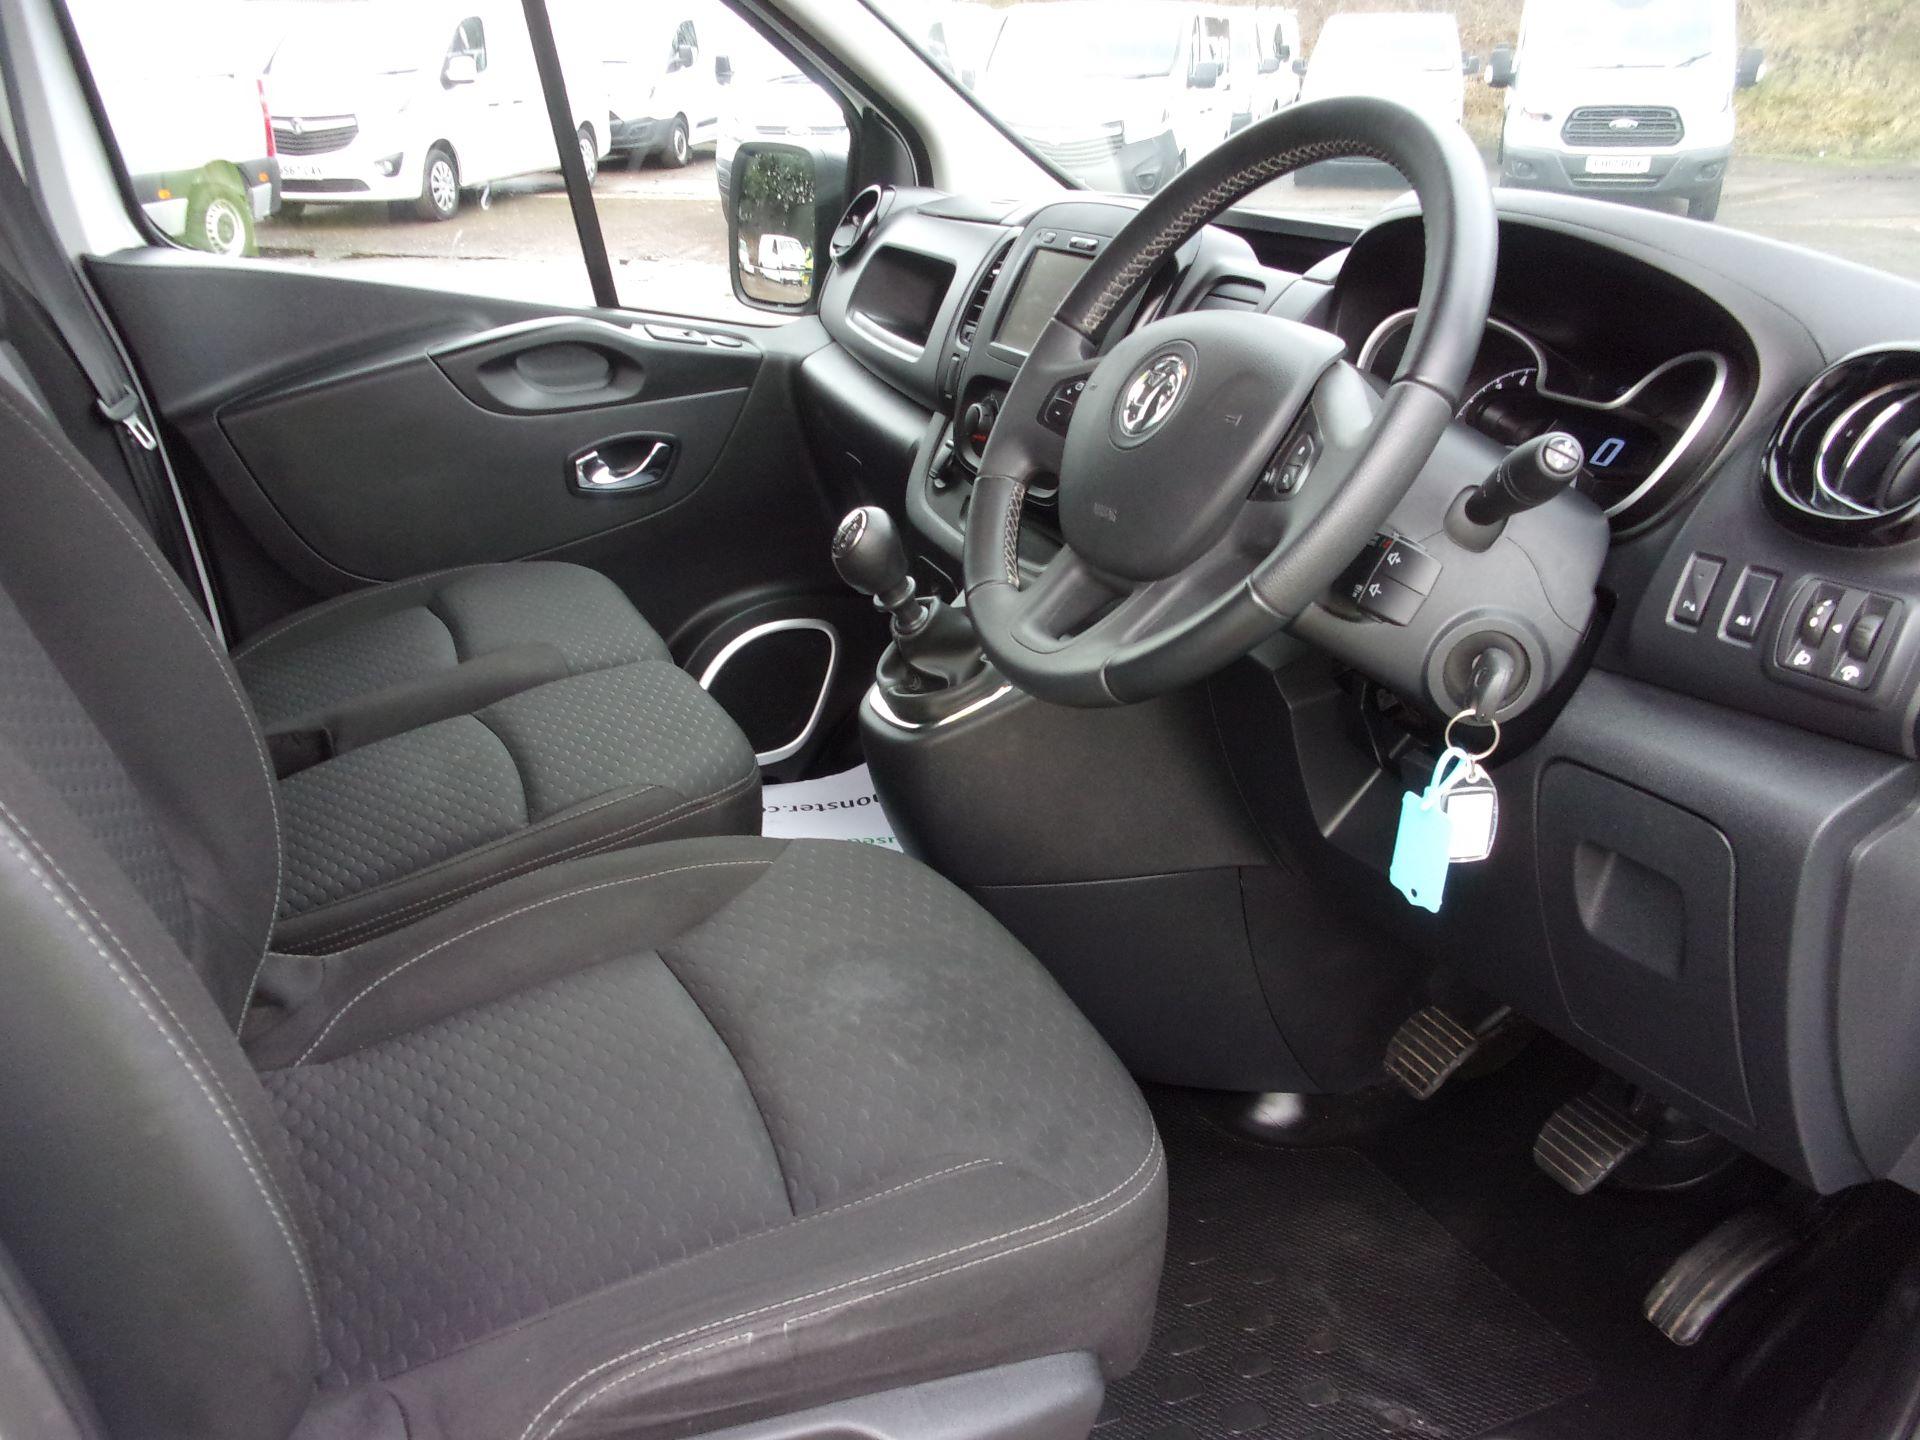 2018 Vauxhall Vivaro L1 H1 2900 1.6 CDTI 120PS SPORTIVE VAN EURO 6 (DY68YYE) Image 2